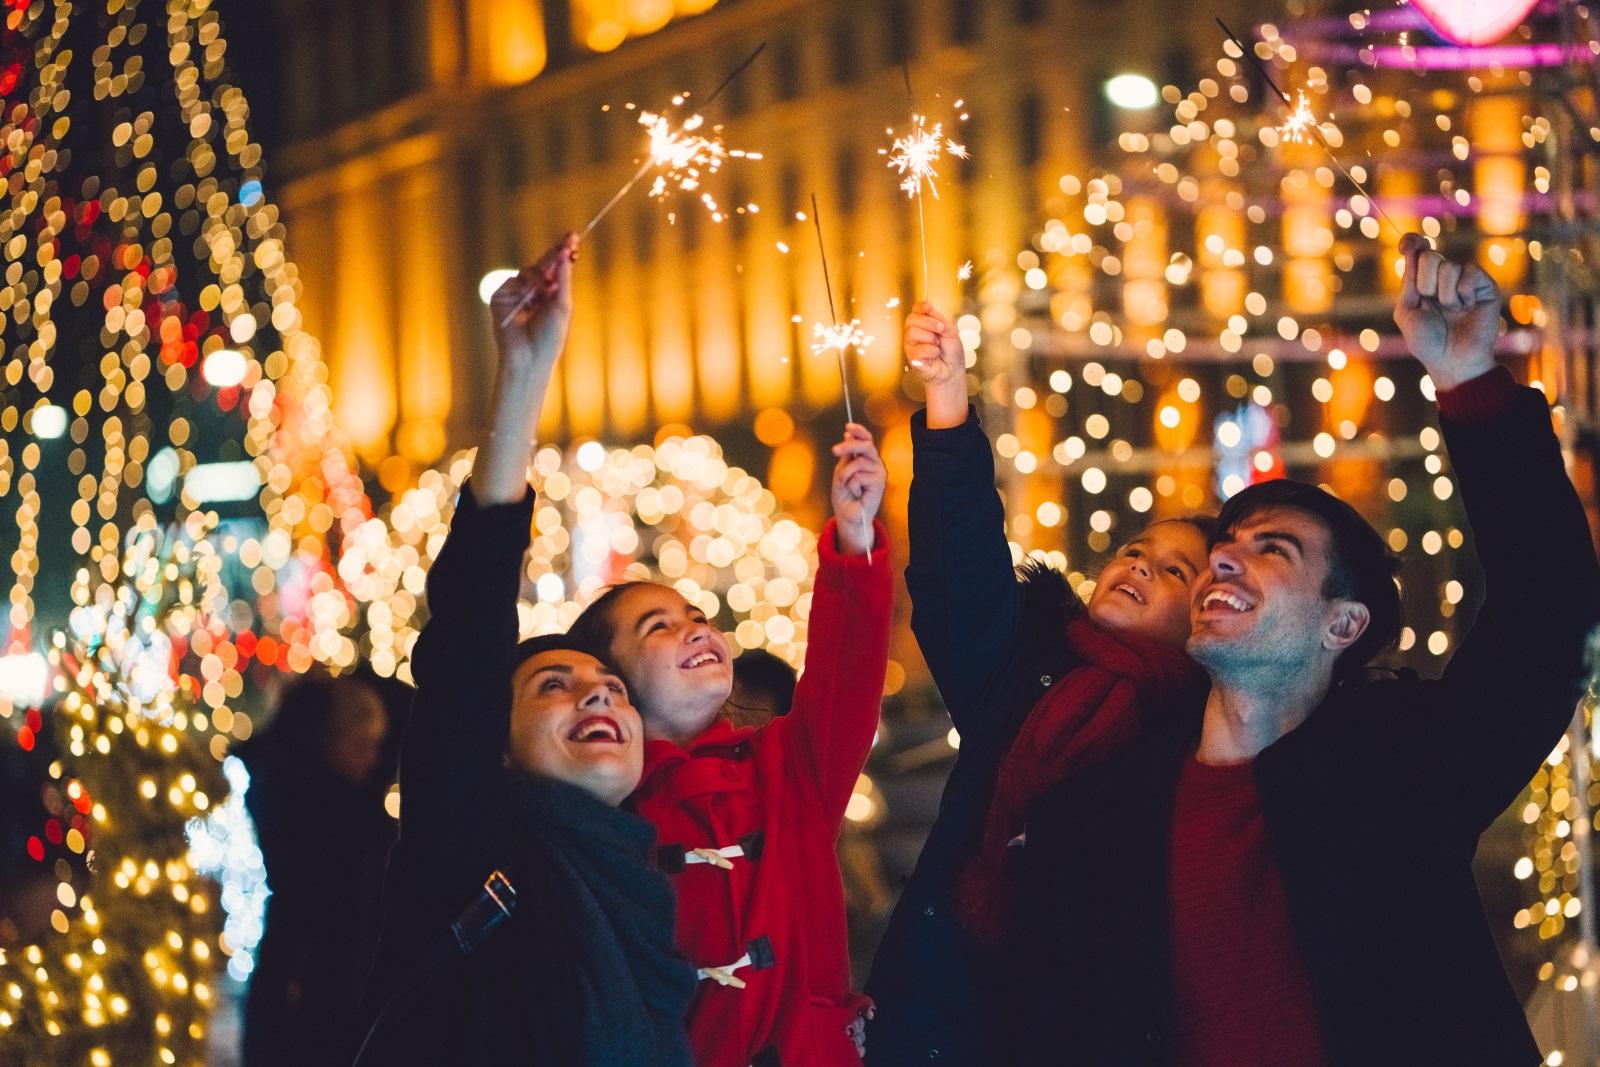 <p>31 декември - последният ден от годината. Време за равносметка.&nbsp;Посрещането на новата година датира отпреди 4&nbsp;000 години, когато на първия ден от новата година (&bdquo;Акиту&ldquo;) са се организирали празненства в древен&nbsp;Вавилон. Всеки&nbsp;народ&nbsp;в продължение на векове е създавал и предавал от поколение на поколение новогодишните си&nbsp;традиции&nbsp;и поверия.</p>